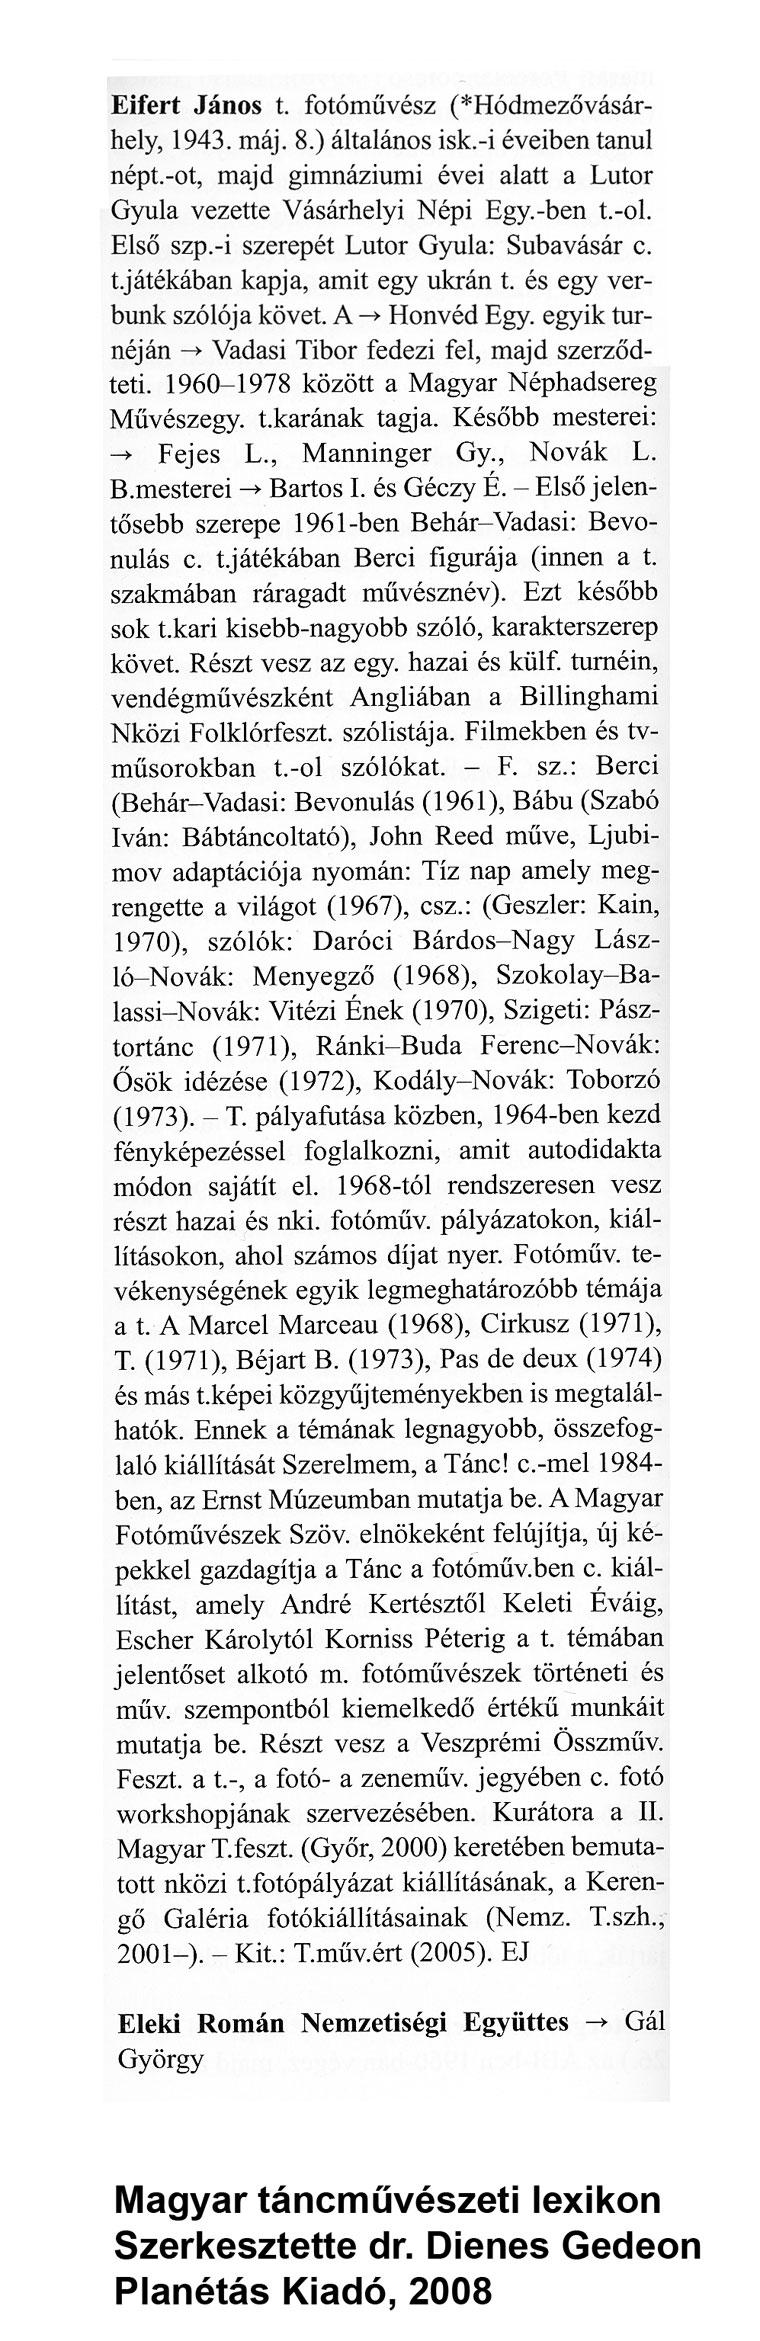 Magyar-táncművészeti-lexikon--Eifert